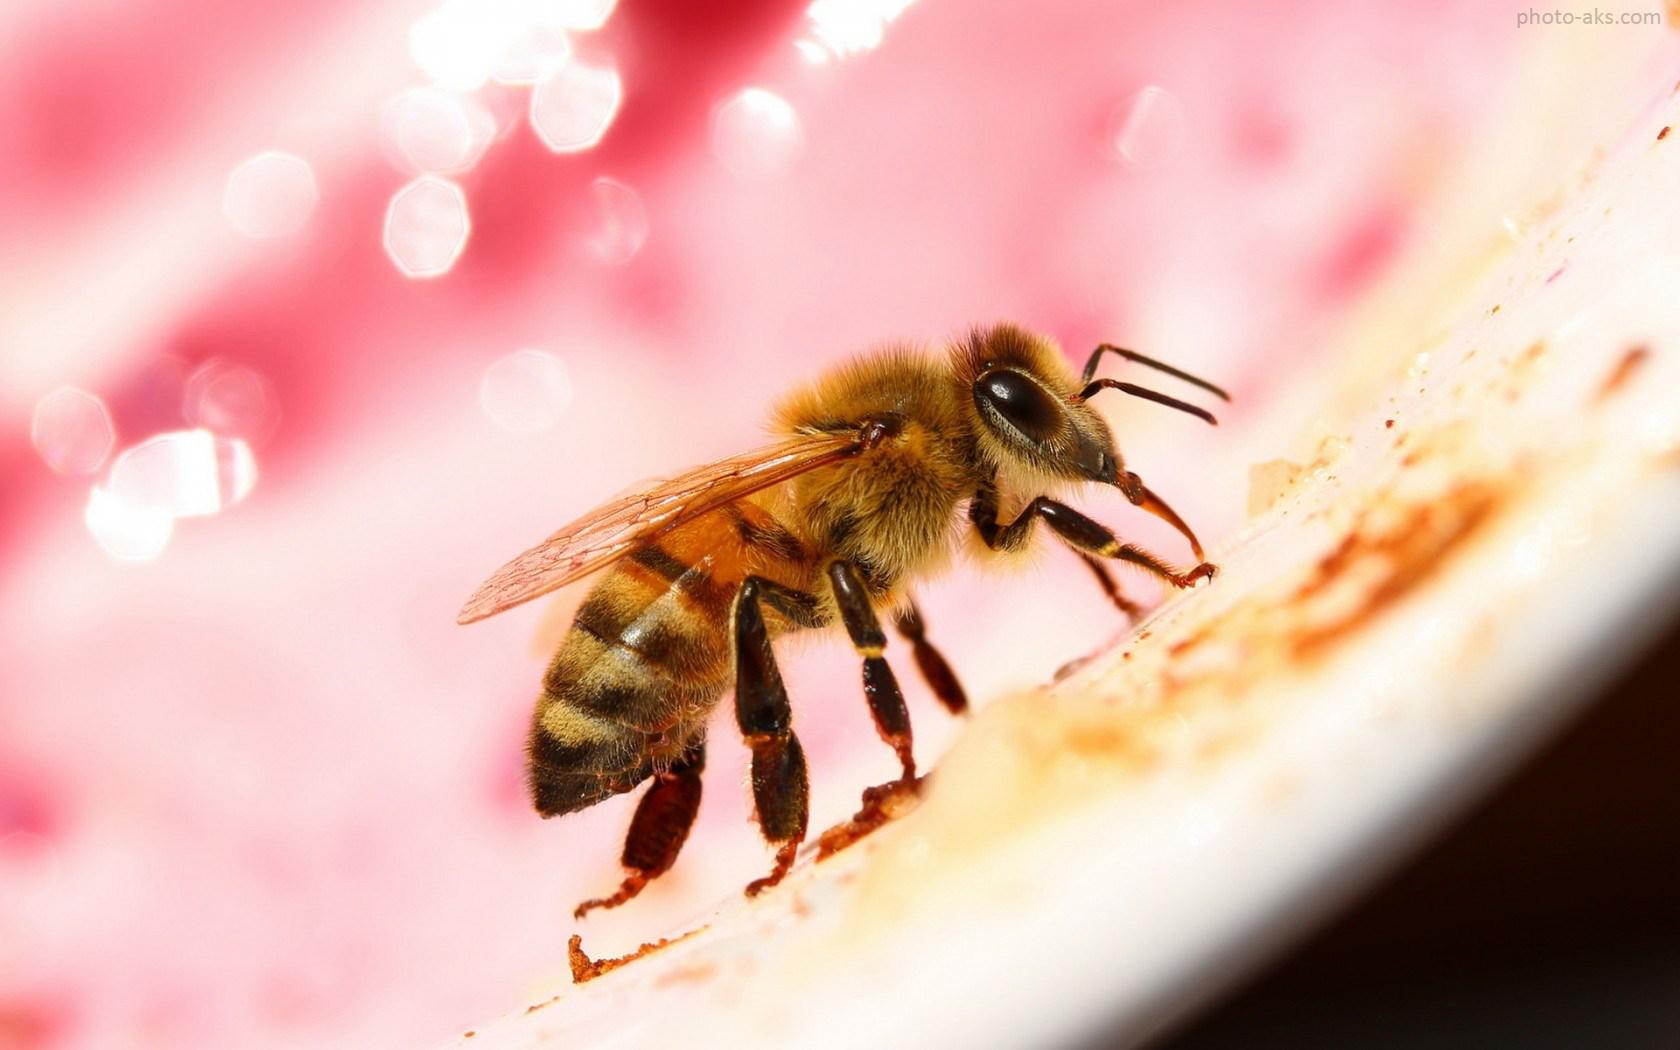 عکس حشره زنبور عسل bee macro picture